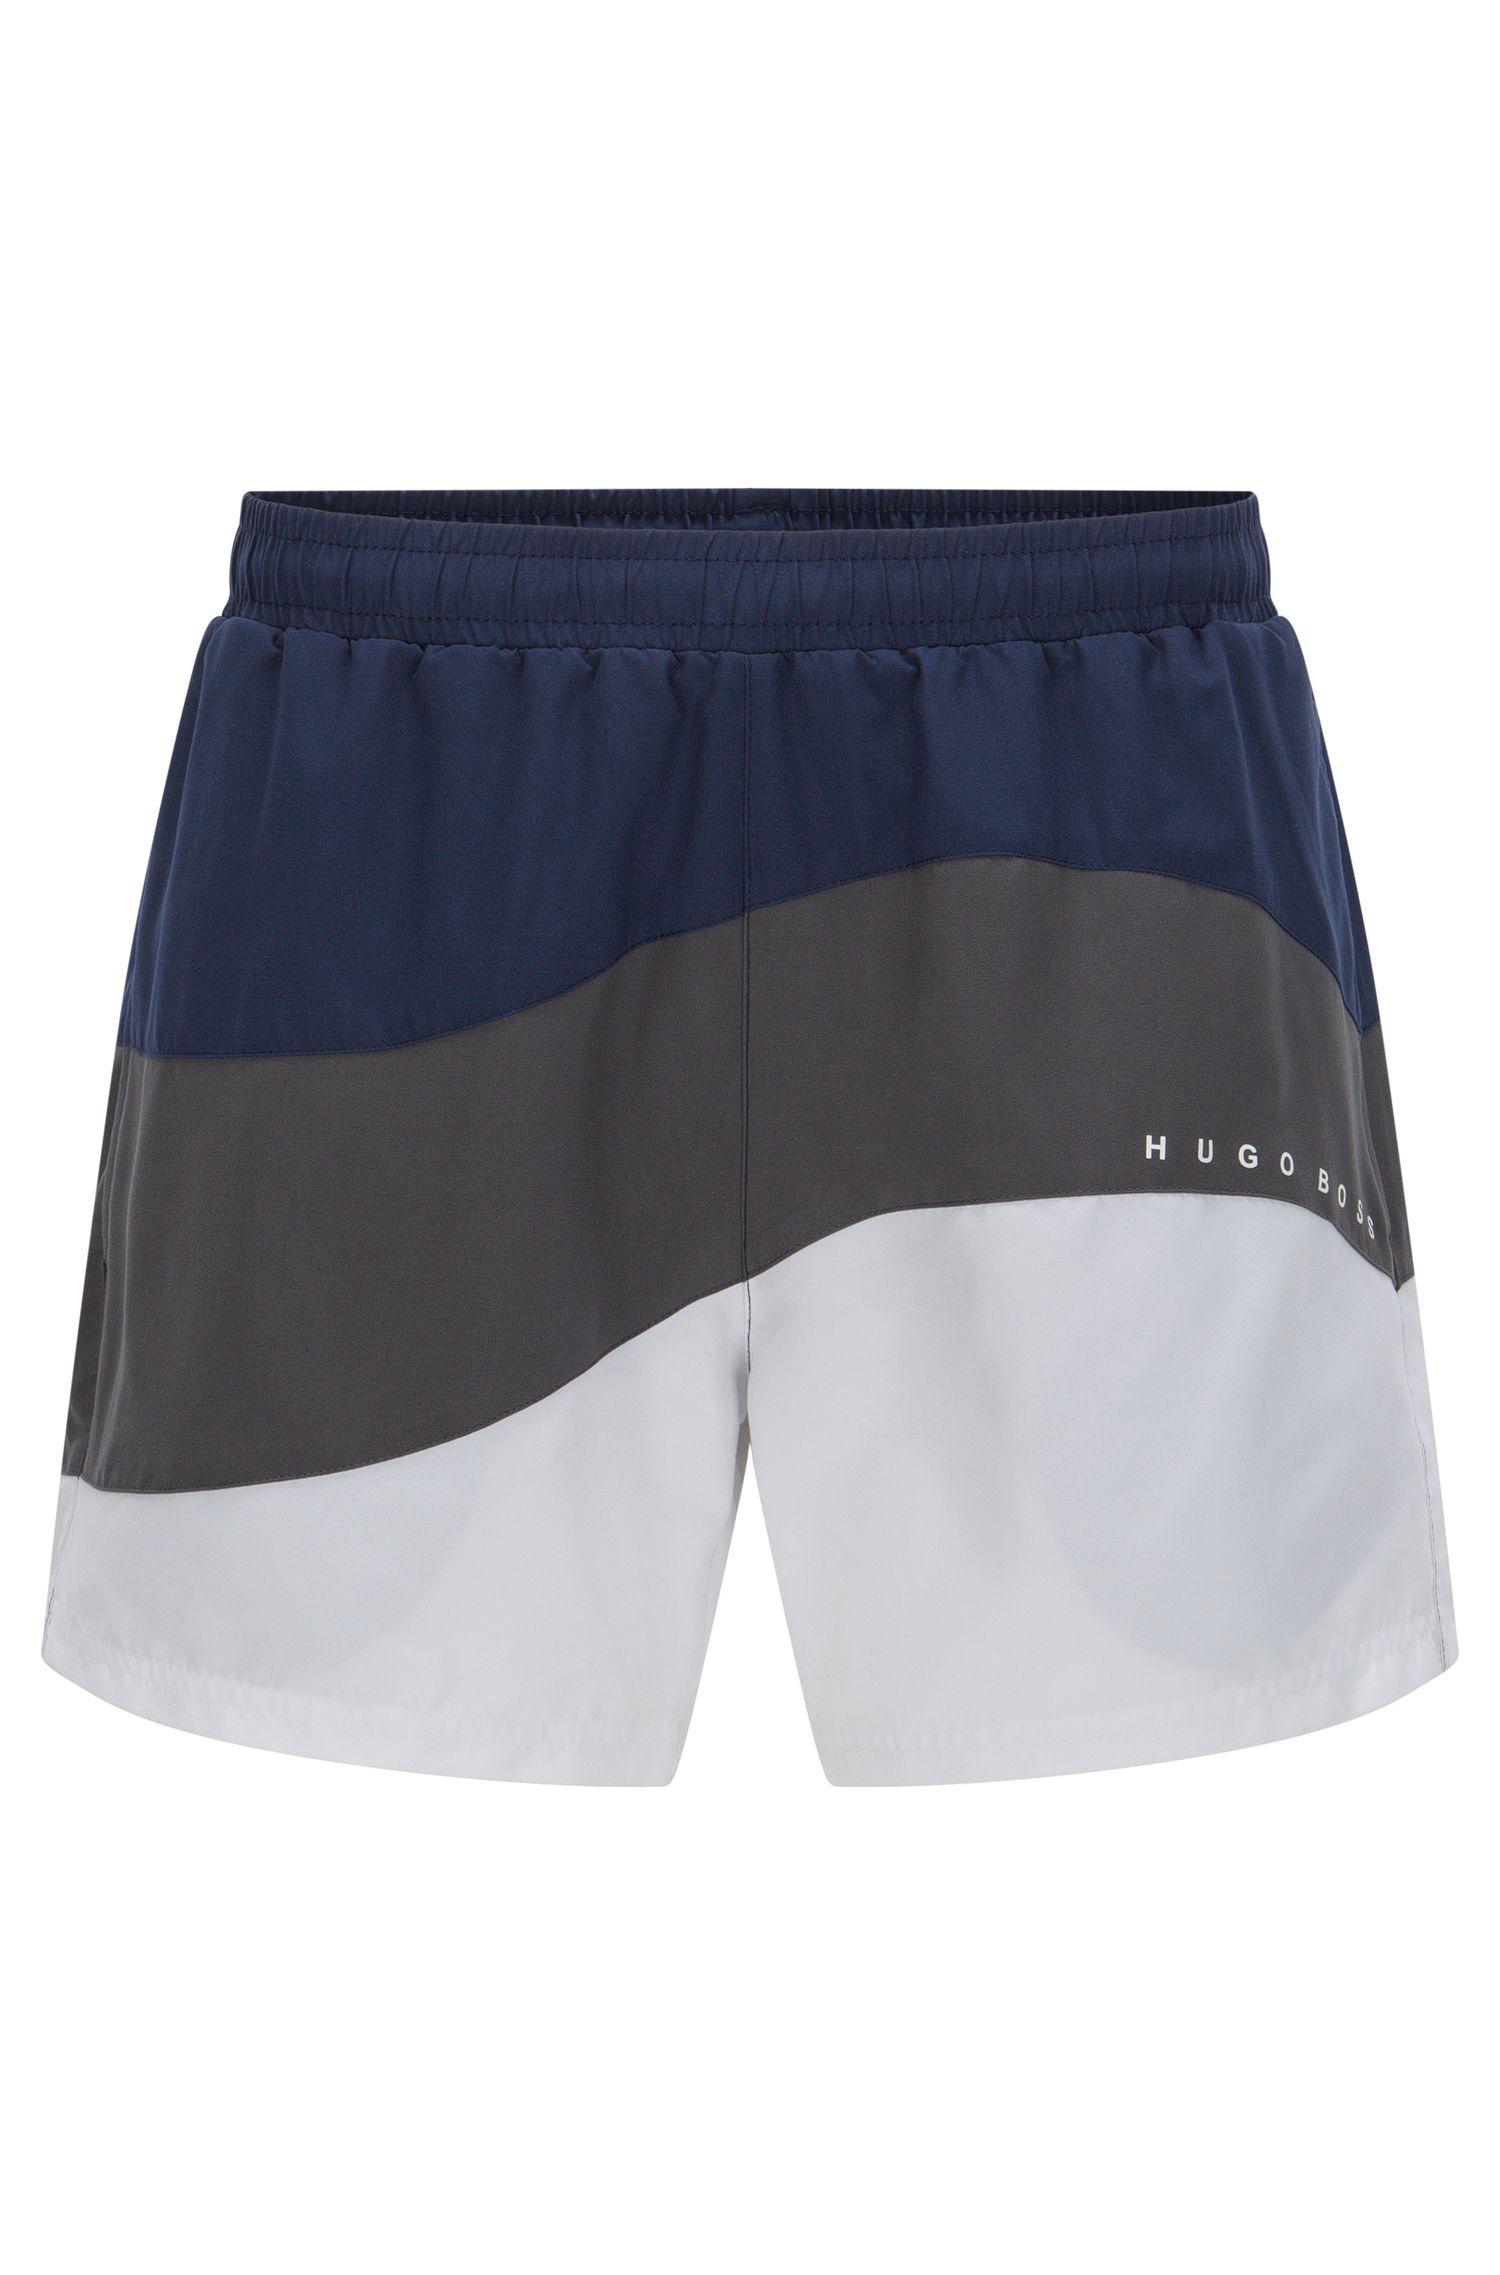 Shorts de bain à trois tons en tissu technique